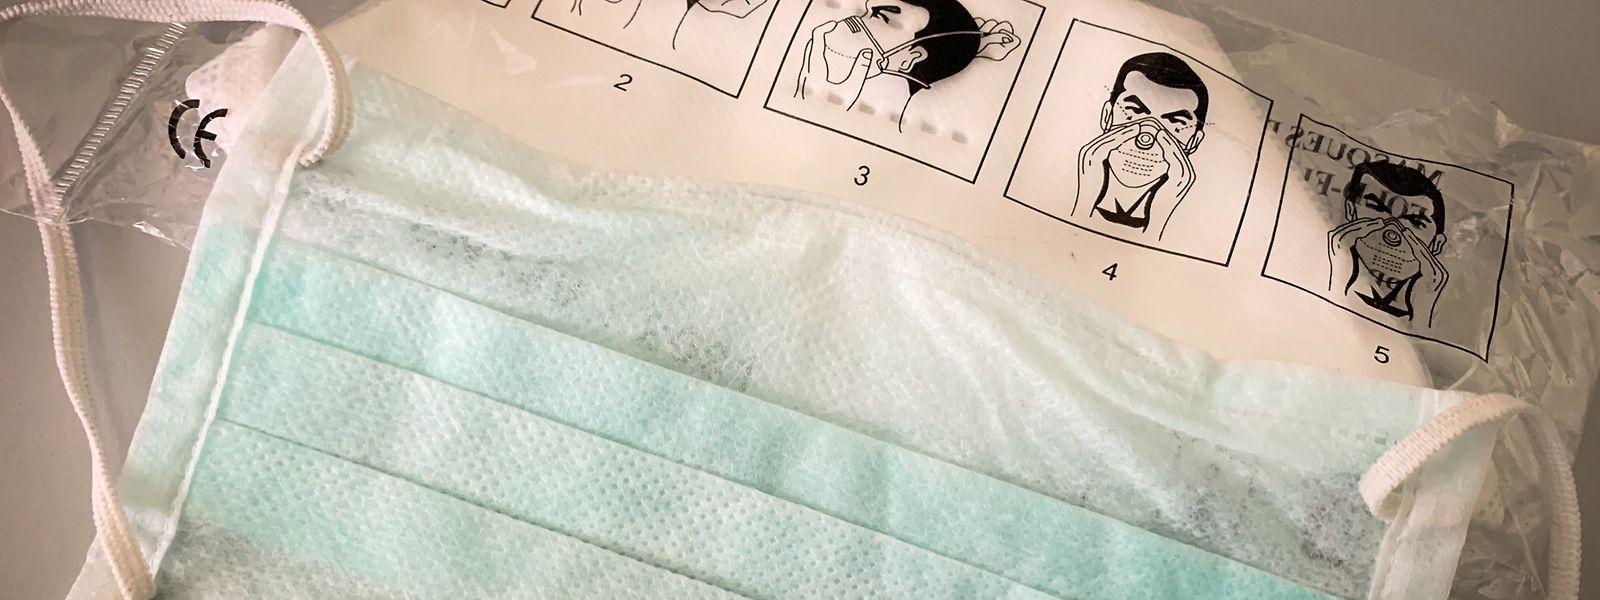 Chirurgischer Mundschutz schützt Träger nicht vor Infektion.